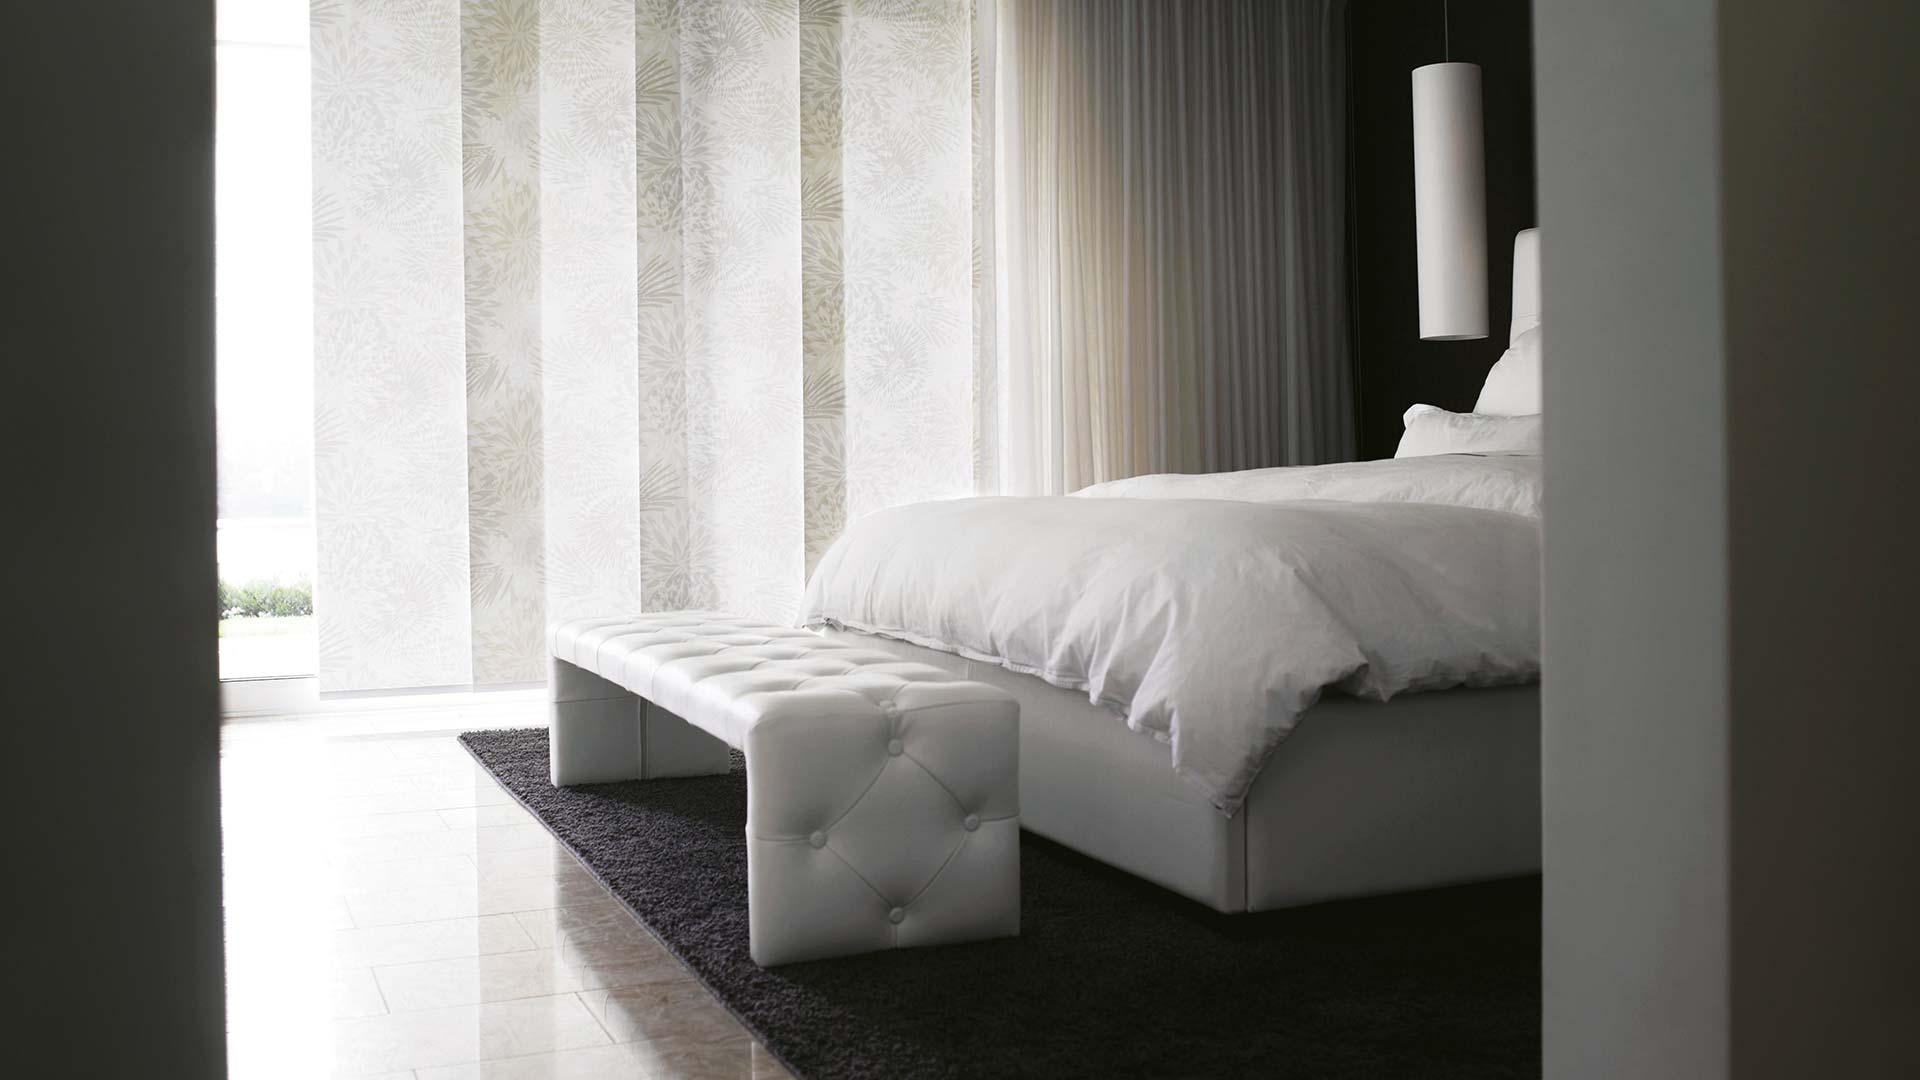 panele japońskie aranżacja sypialni